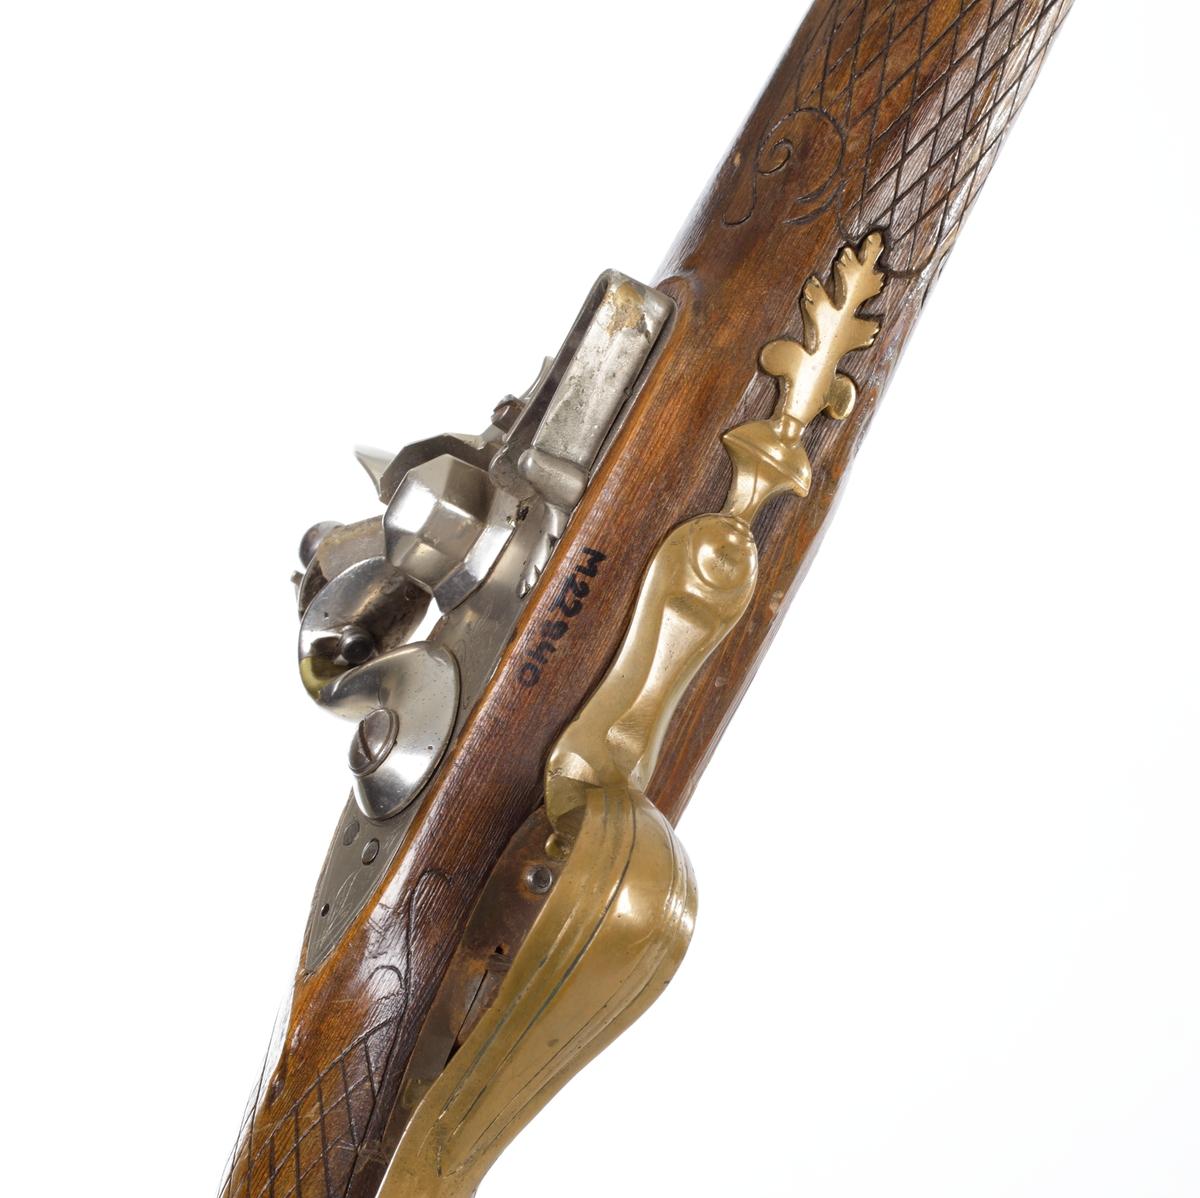 Flintlåsgevär försedd med rund pipa och åttakantigt kammarstycke. Geväret har hel stock med bakplåt i stål som går upp över kolvryggen. Kolvens ena sida har ett skuret motiv föreställande en älg. Den andra har en enklare bladranka. Kolvhalsen är rutad, varbygeln är i utdragen form och tillverkad av gjuten och bearbetad mässing. Låset har en kraftig S-formad hane som är förnicklad, och fängpannelockets fjäder ligger utanpå låsblecket. Laddstocksrännan har tre rörkor varav den mellersta har ett fäste för bärrem, och laddstocken är tillverkad av trä. Geväret är försett med ett gropsikte och mässingskorn. Pipan är slätborrad och har en innerdiameter på 17,5 m.m. Inskrivet i huvudkatalog 1974.